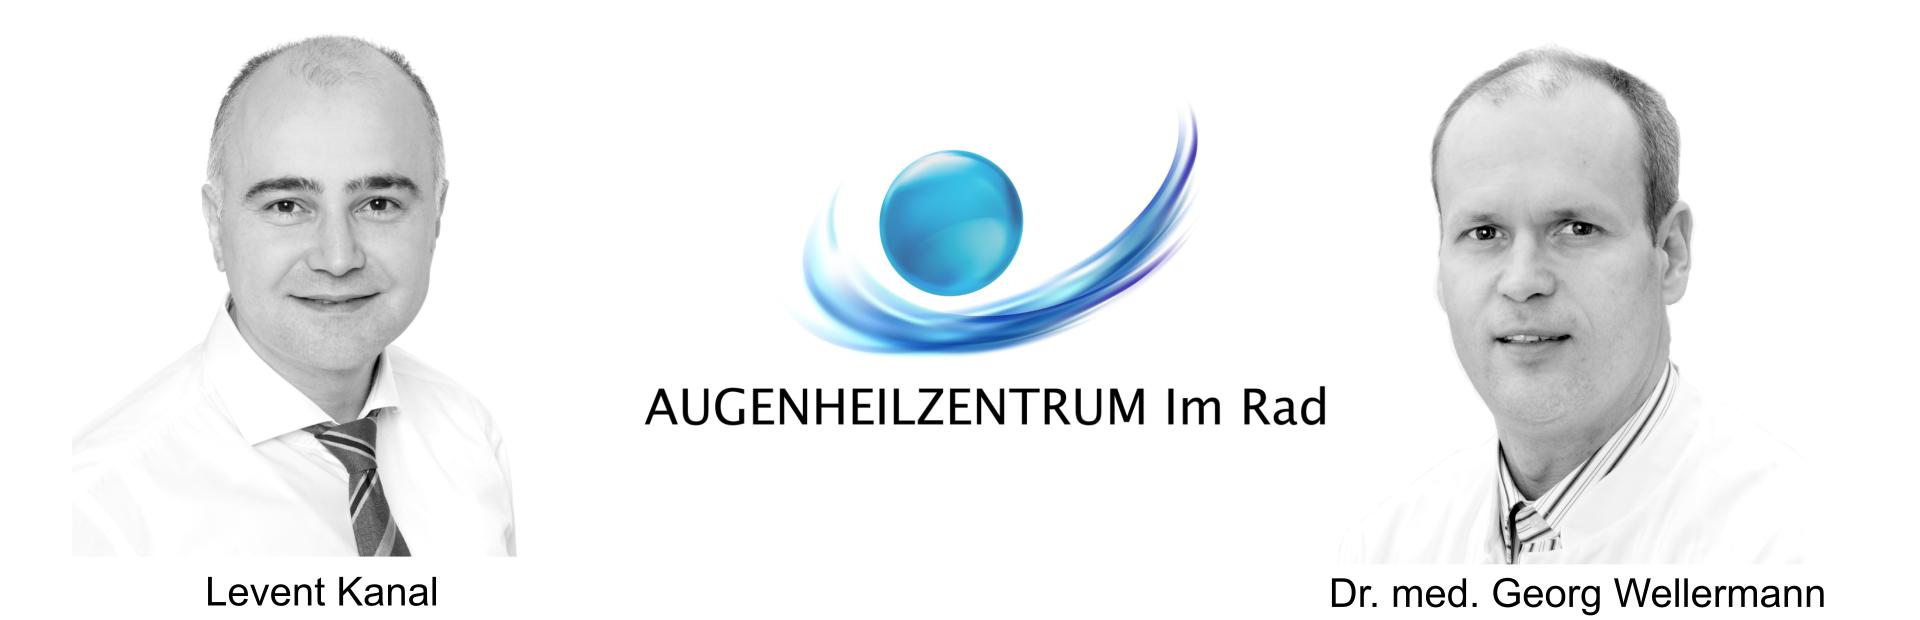 Augenklinik Wiebaden Dr. Levent Kanal - Georg Wellermann